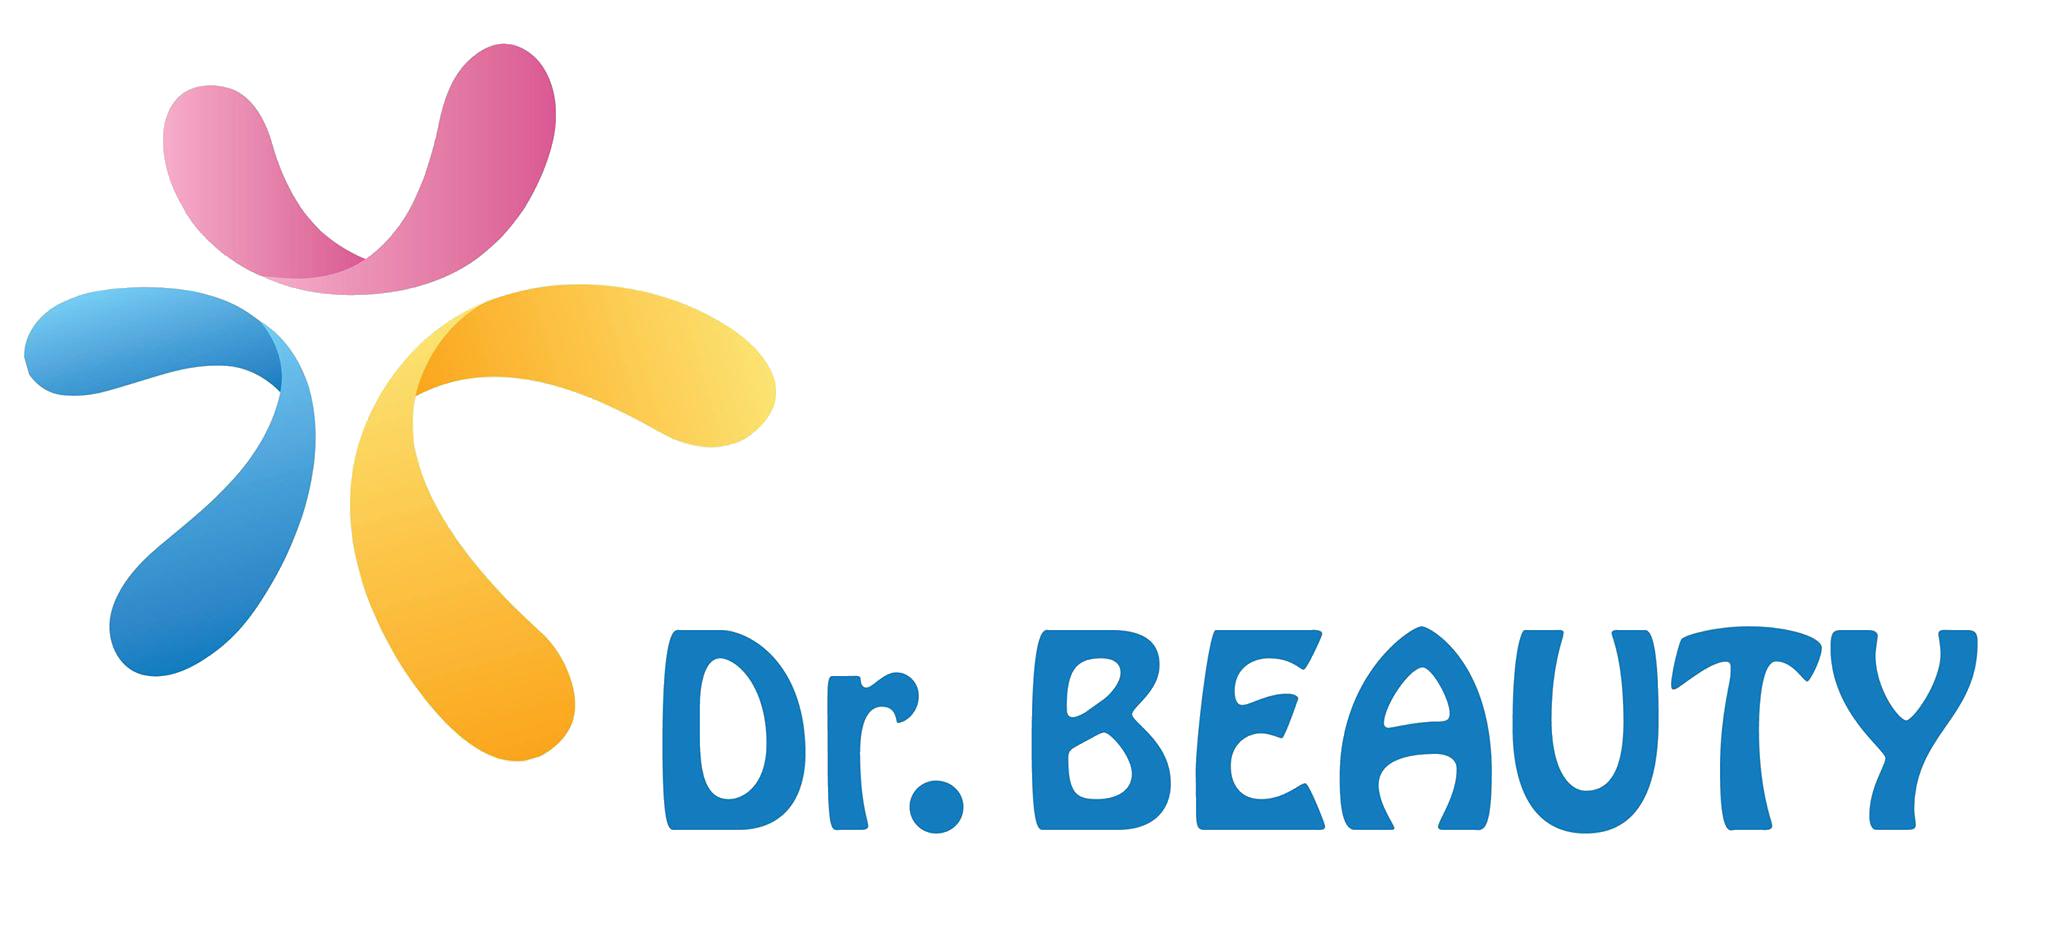 Dr. BEAUTY là nhà cung cấp mỹ phẩm chính hãng